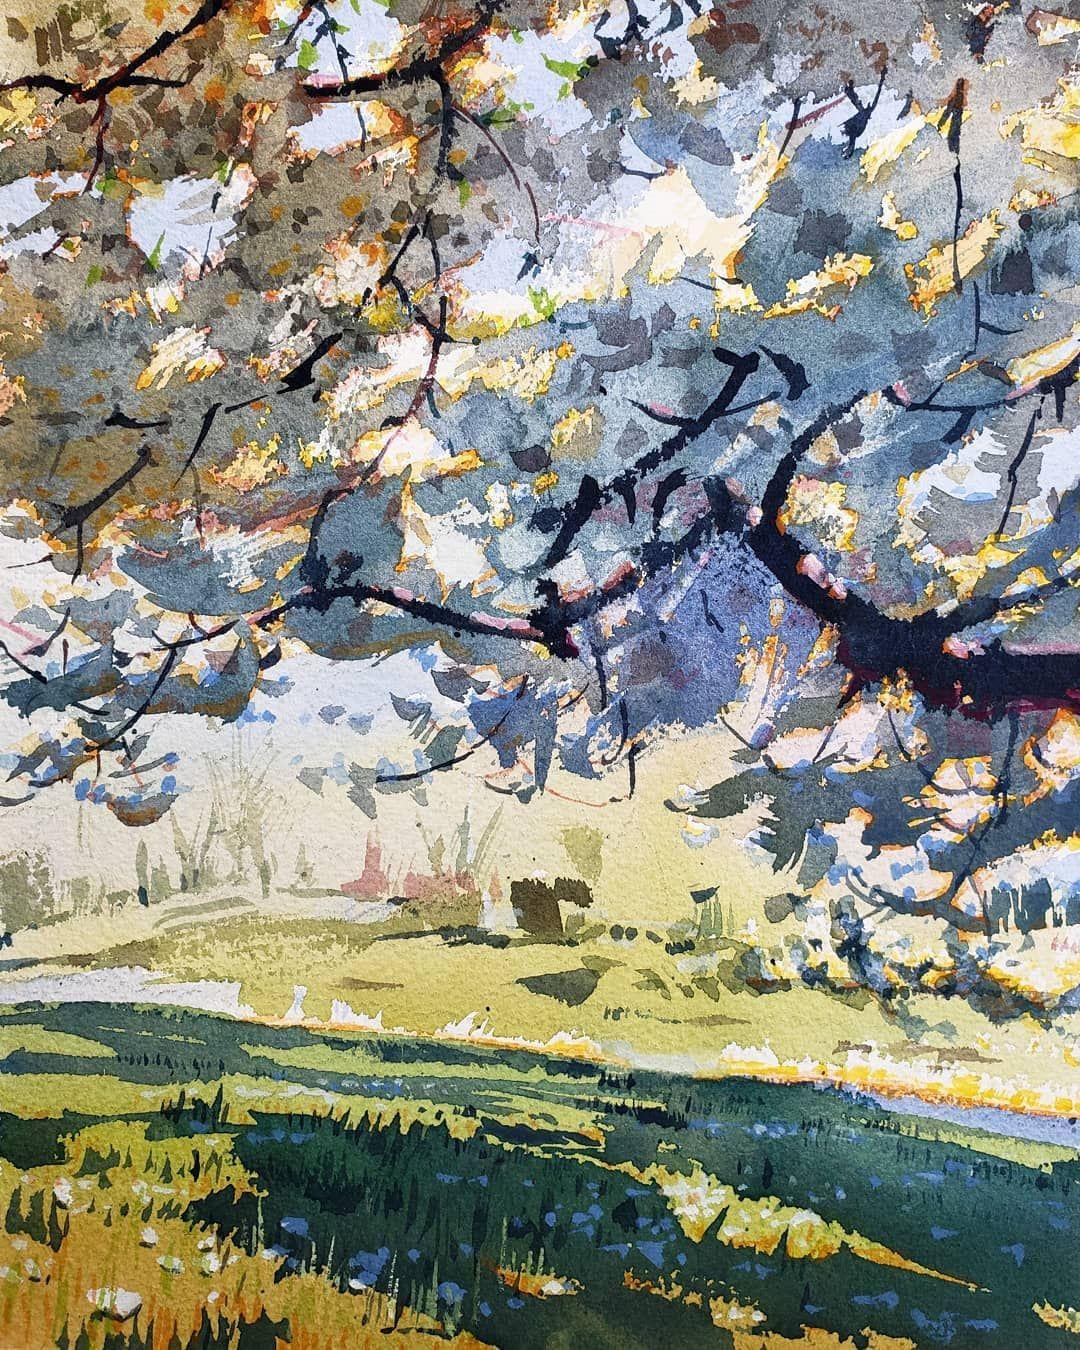 Yong Hong Zhong April 2020 In 2020 Watercolor Landscape Paintings Landscape Drawings Watercolor Landscape